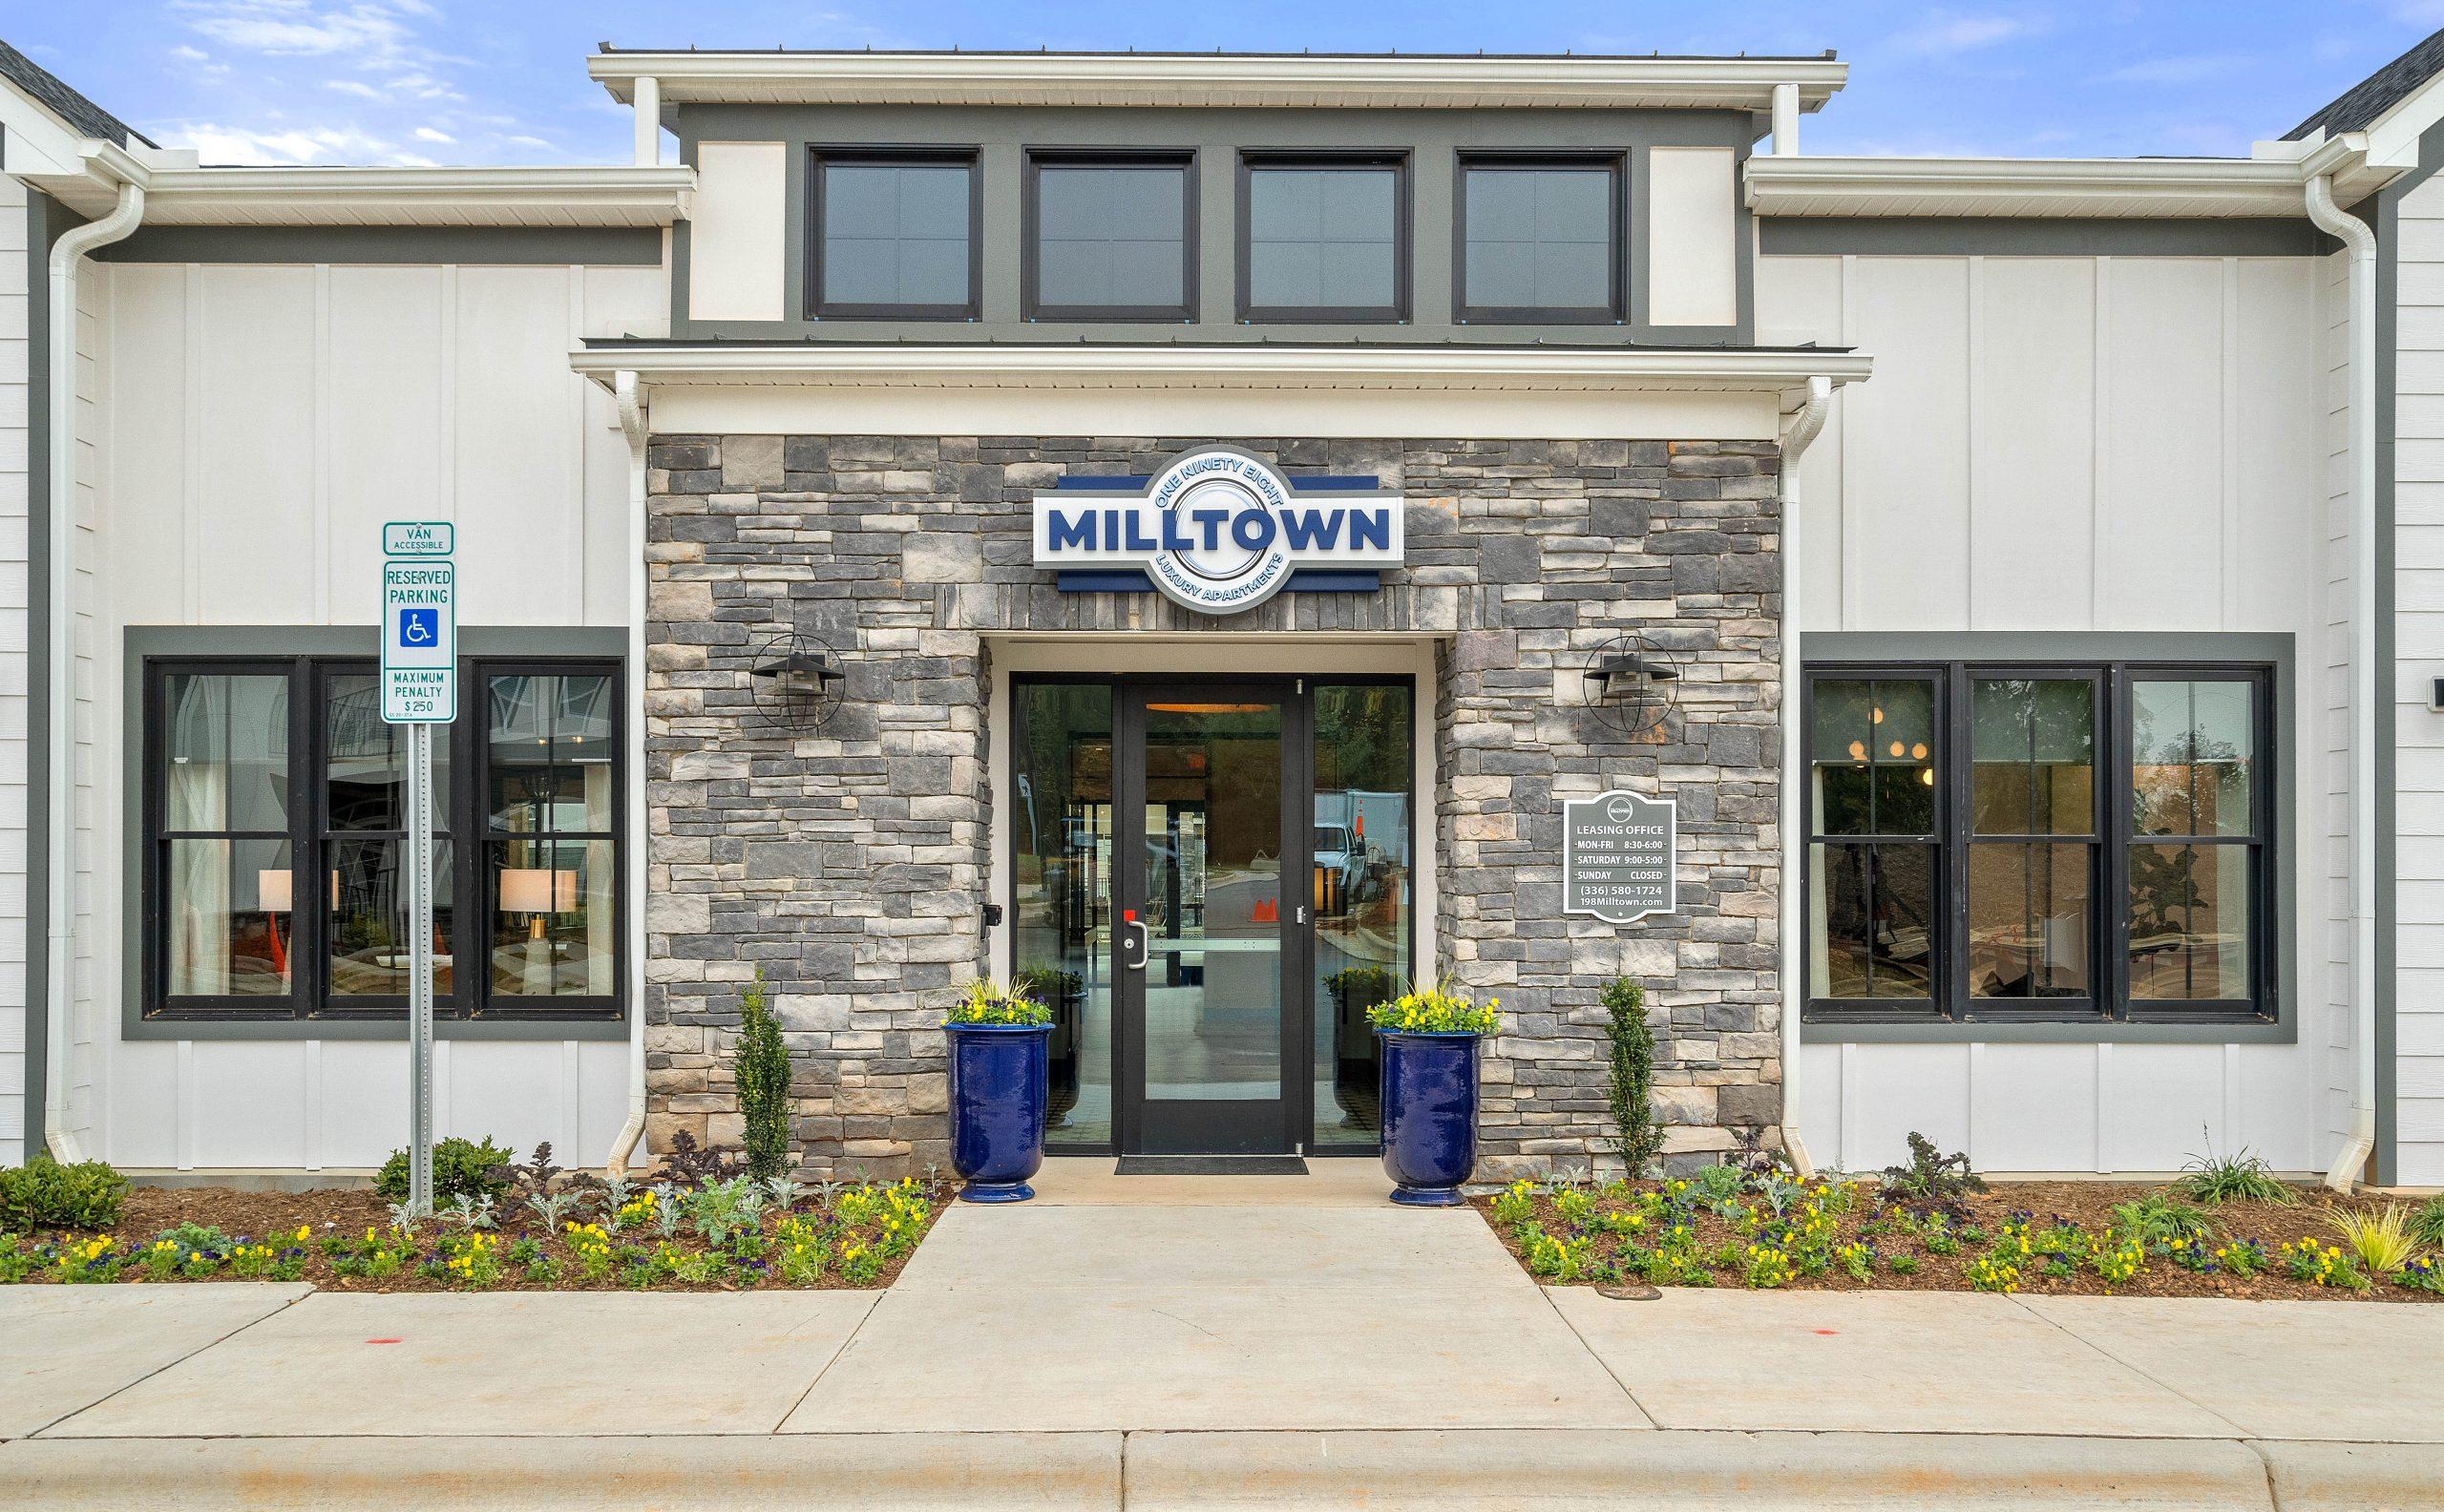 198 Milltown